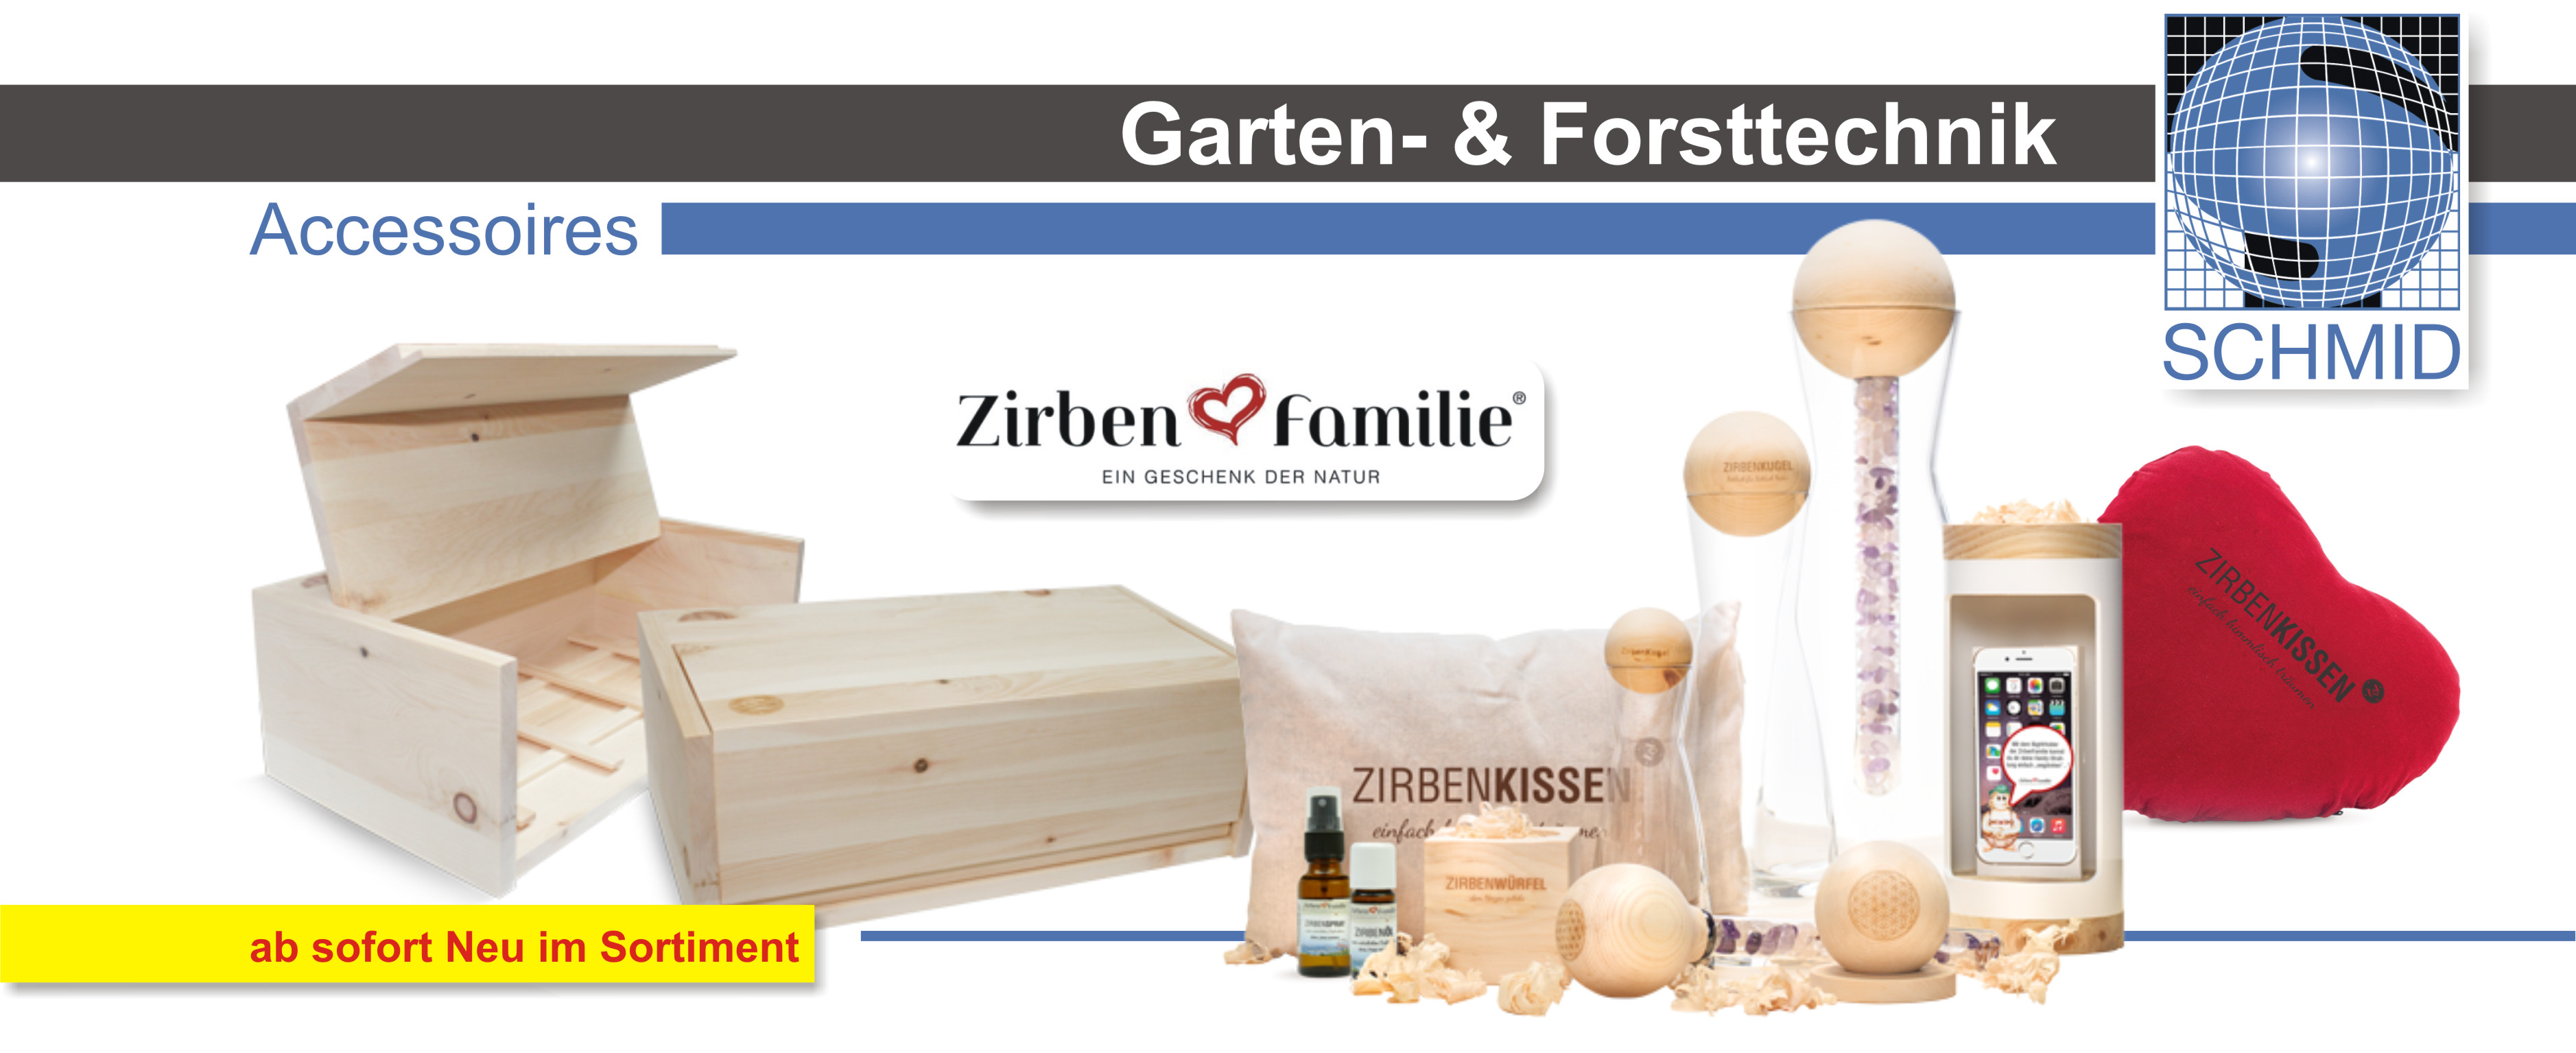 Schmid Vertriebs GmbH Zirben Familie